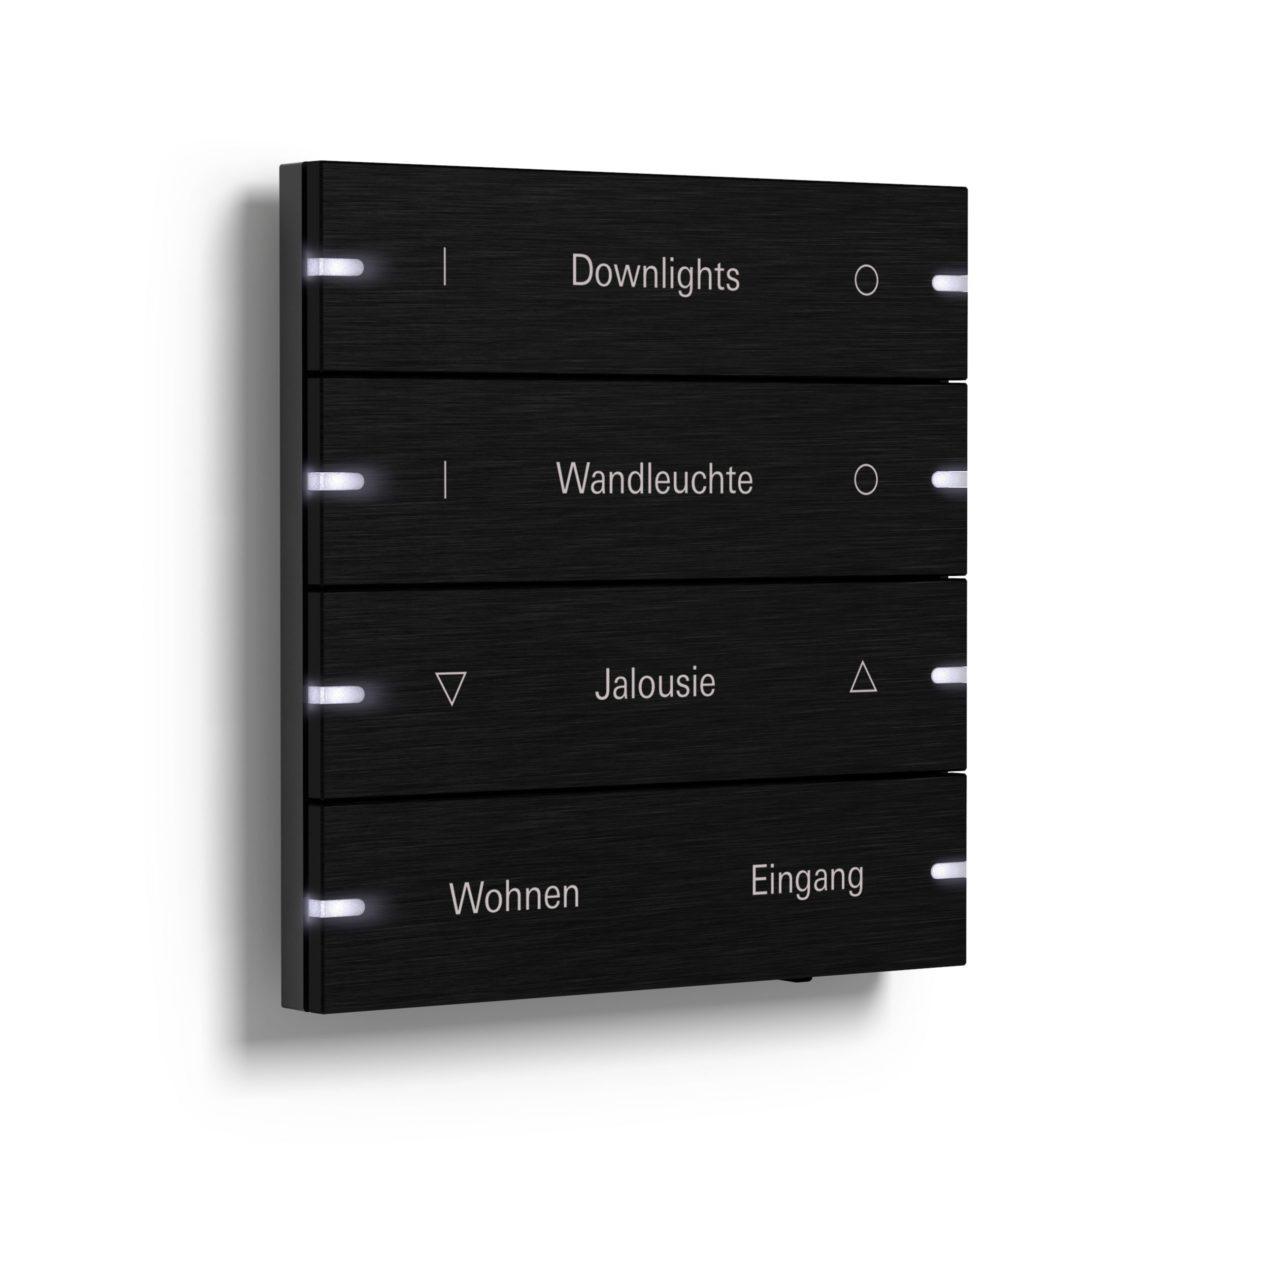 Der Gira Tastsensor 4 bietet den perfekten Mix aus Material und Technik